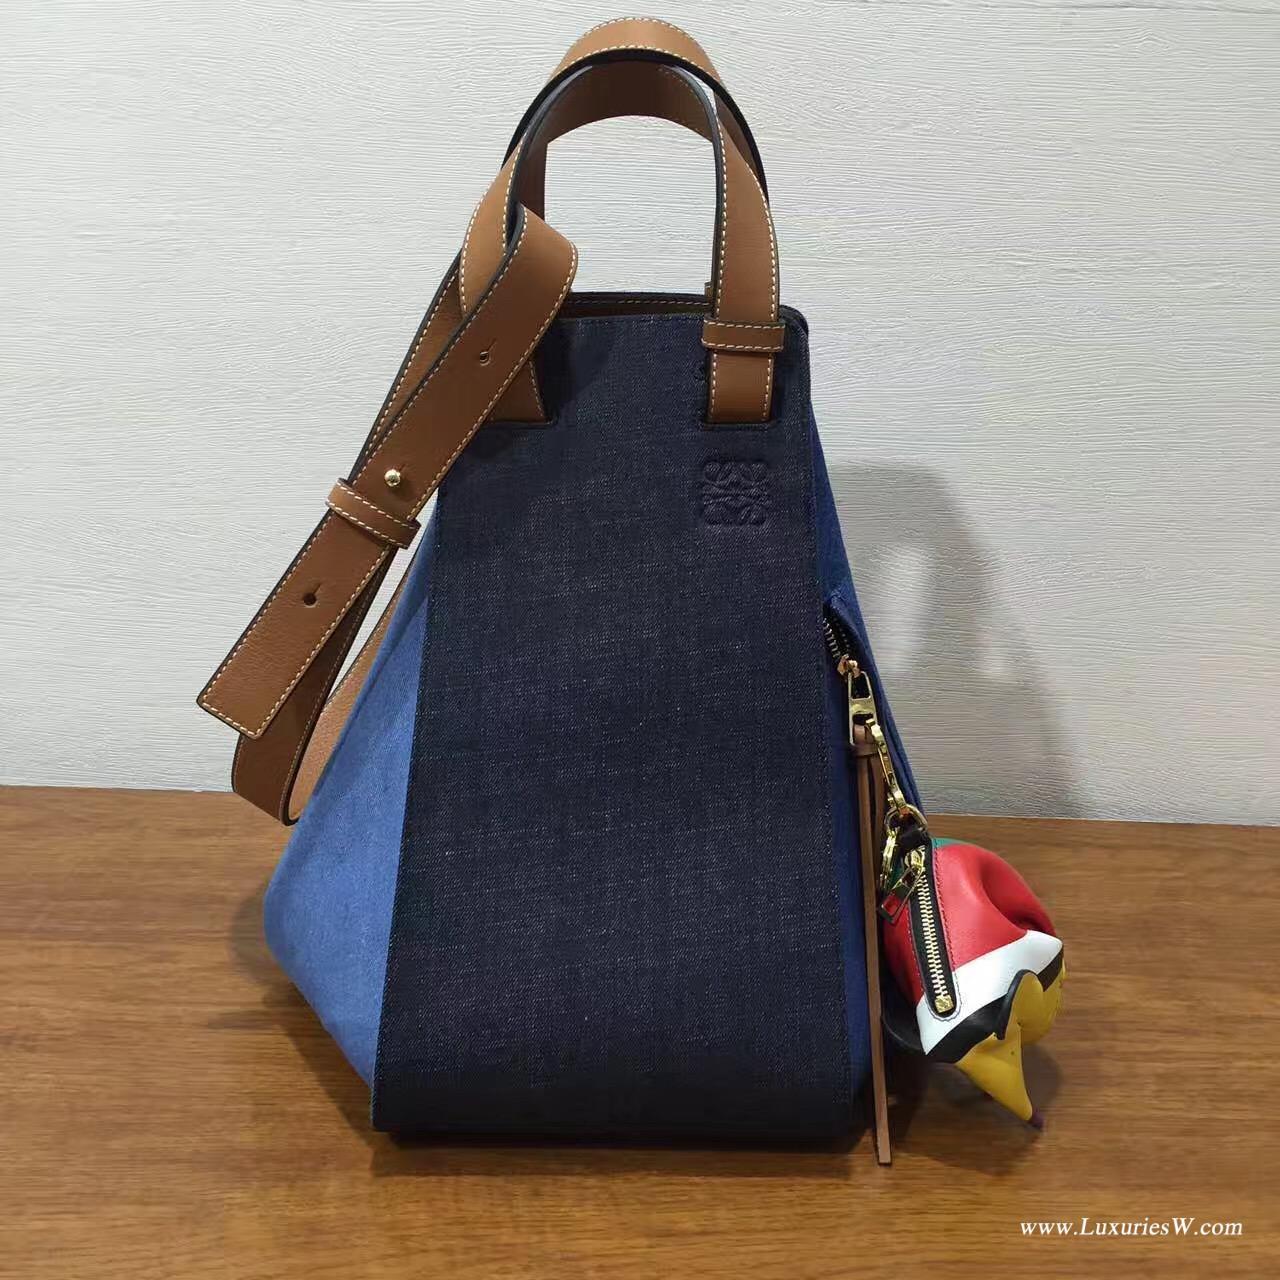 羅意威 Hammock bag 2017春夏 牛皮搭配牛仔拼接系列大號吊床包